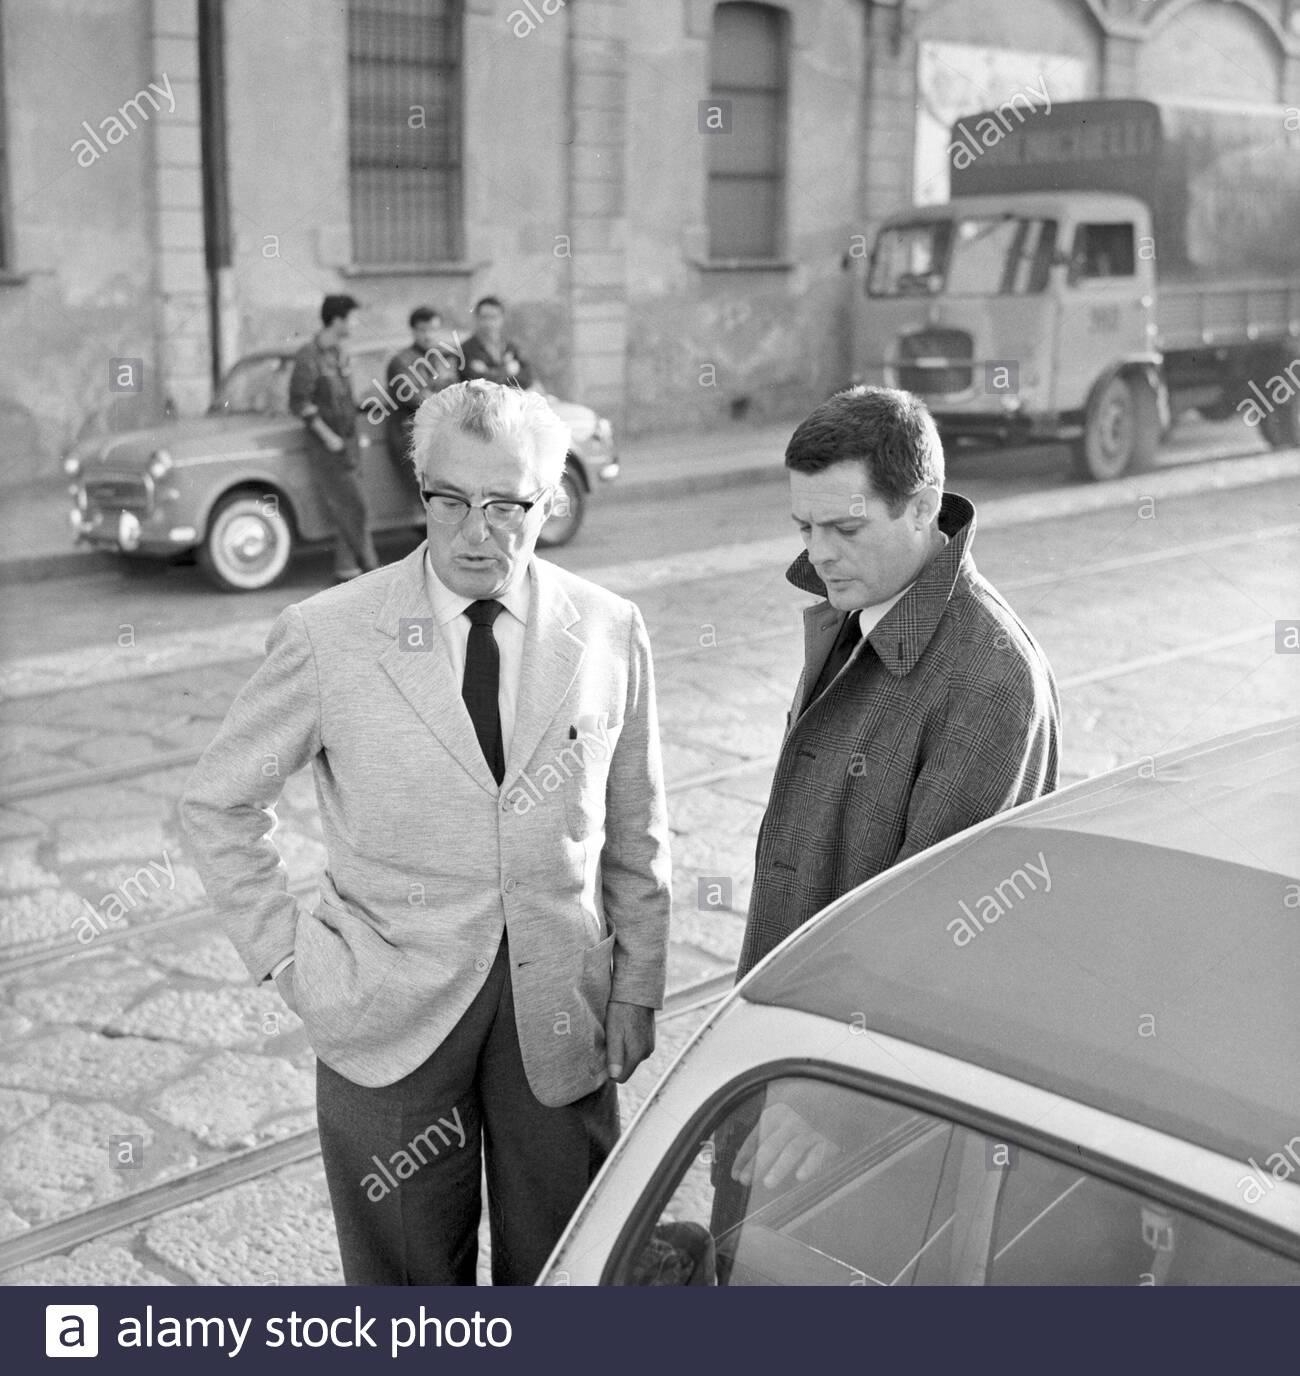 """Barona 1963. Fotogramma del film """"Ieri oggi domani"""" diretto da Vittorio De Sica. Siamo in Via Lodovico il Moro (l'immagine proviene dal web alamy.com, erroneamente localizzata in Ripa di Porta Ticinese), un centinaio di metri dopo la biforcazione della Via Morimondo)."""